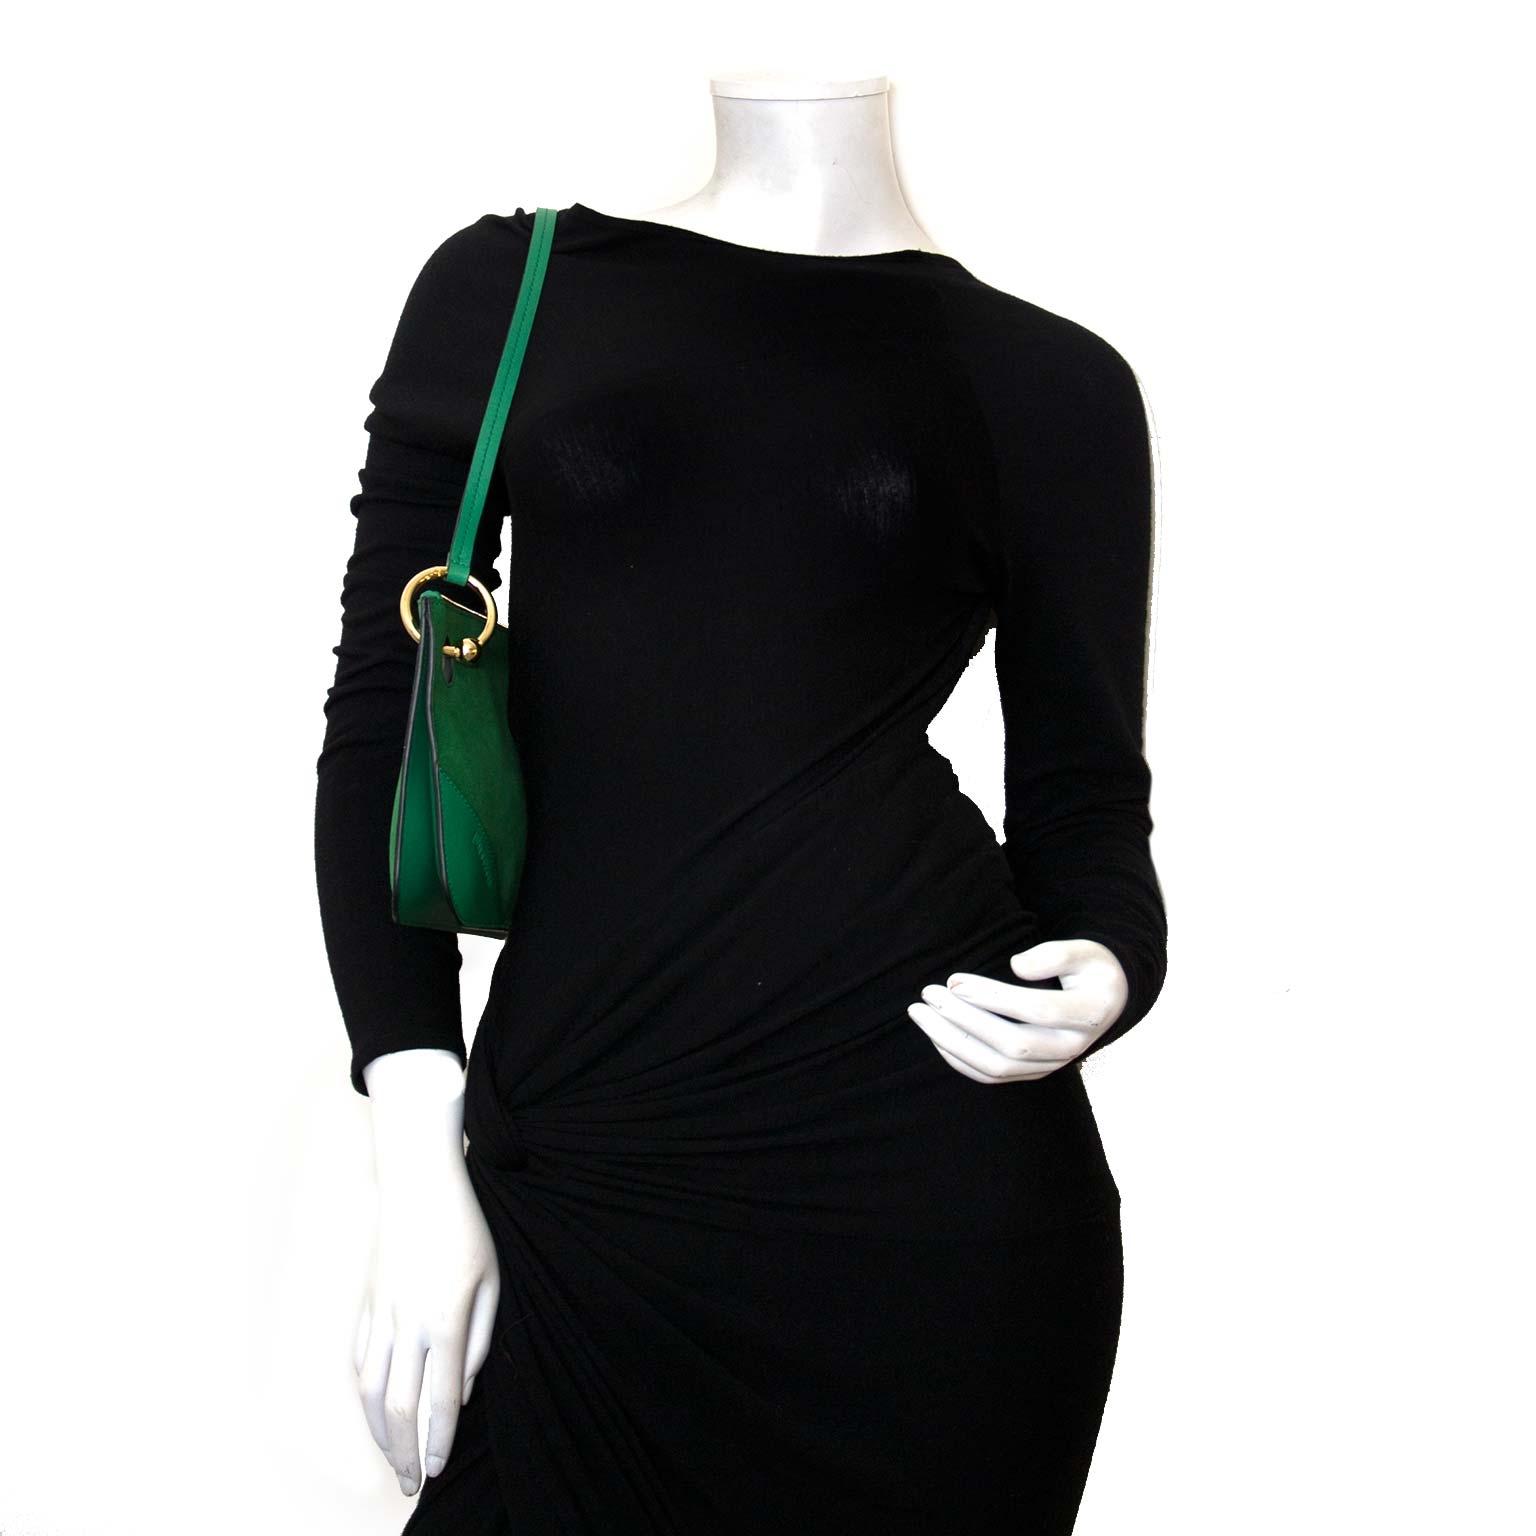 koop authentieke jw anderson emerald groen pierce clutch nu bij labellov vintage mode webshop belgië